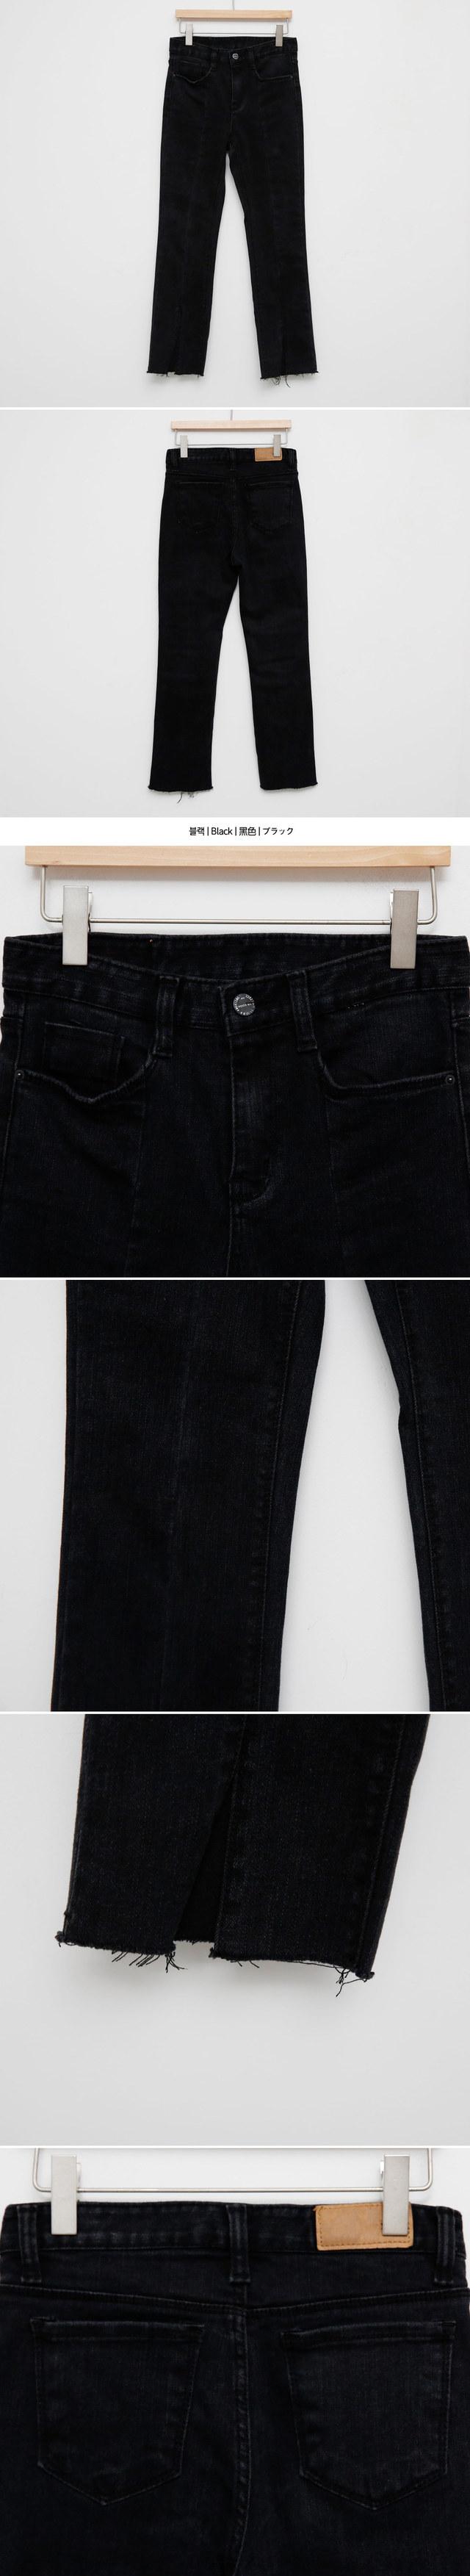 Front denim pants